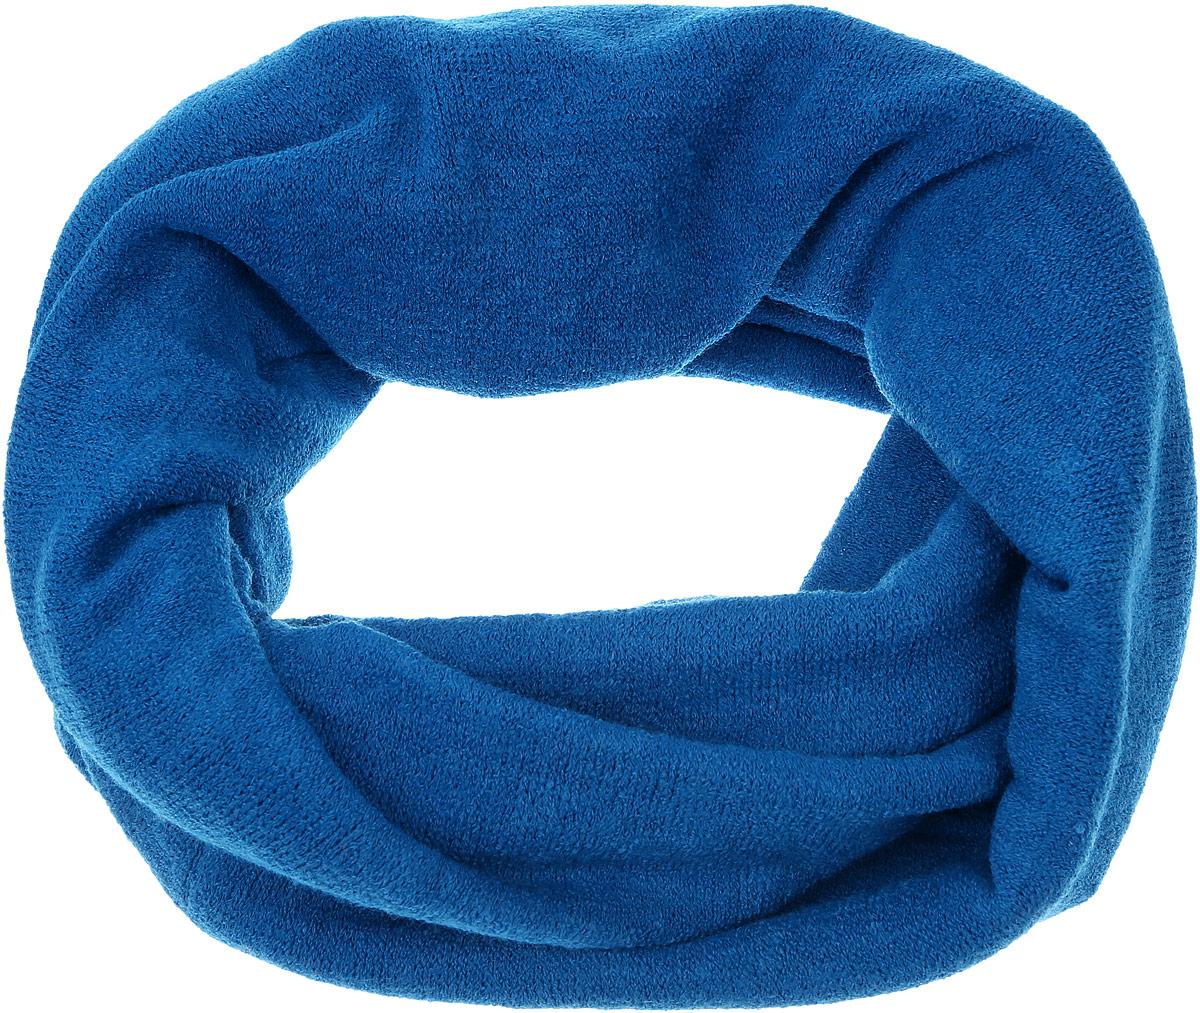 Снуд-хомутV2505-А7Женский вязаный снуд-хомут Vita Pelle станет отличным дополнением к гардеробу в холодную погоду. Изготовленный из высококачественной комбинированной пряжи, он необычайно мягкий и приятный на ощупь, максимально сохраняет тепло. Шарф-снуд мелкой вязки гармонично дополнит образ современной женщины, следящей за своим имиджем и стремящейся всегда оставаться стильной.